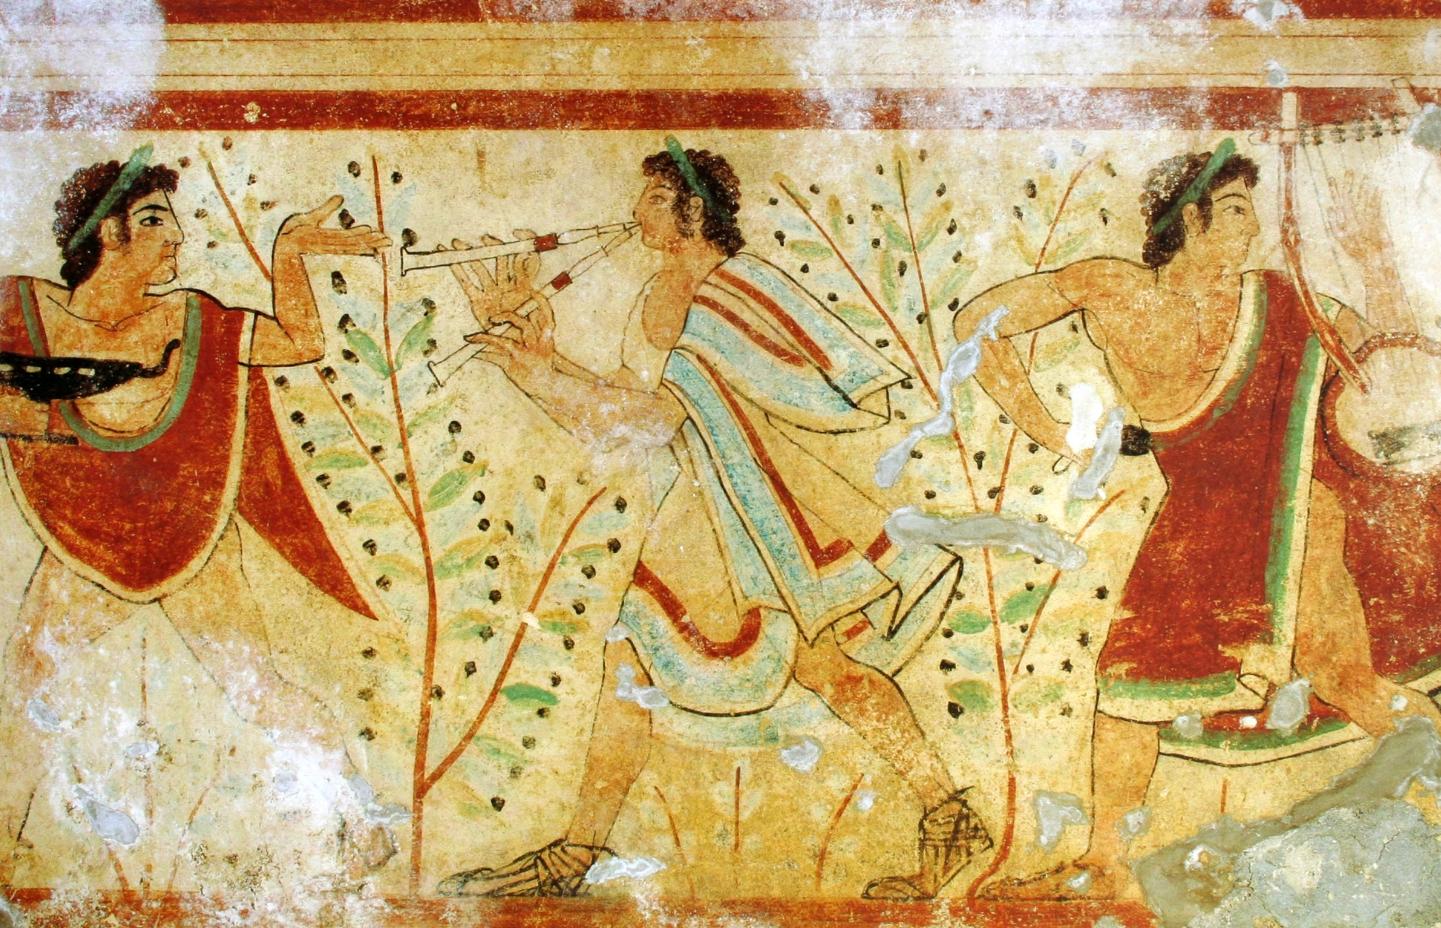 La Toscana riscopre le proprie radici con una mostra di inediti reperti etruschi